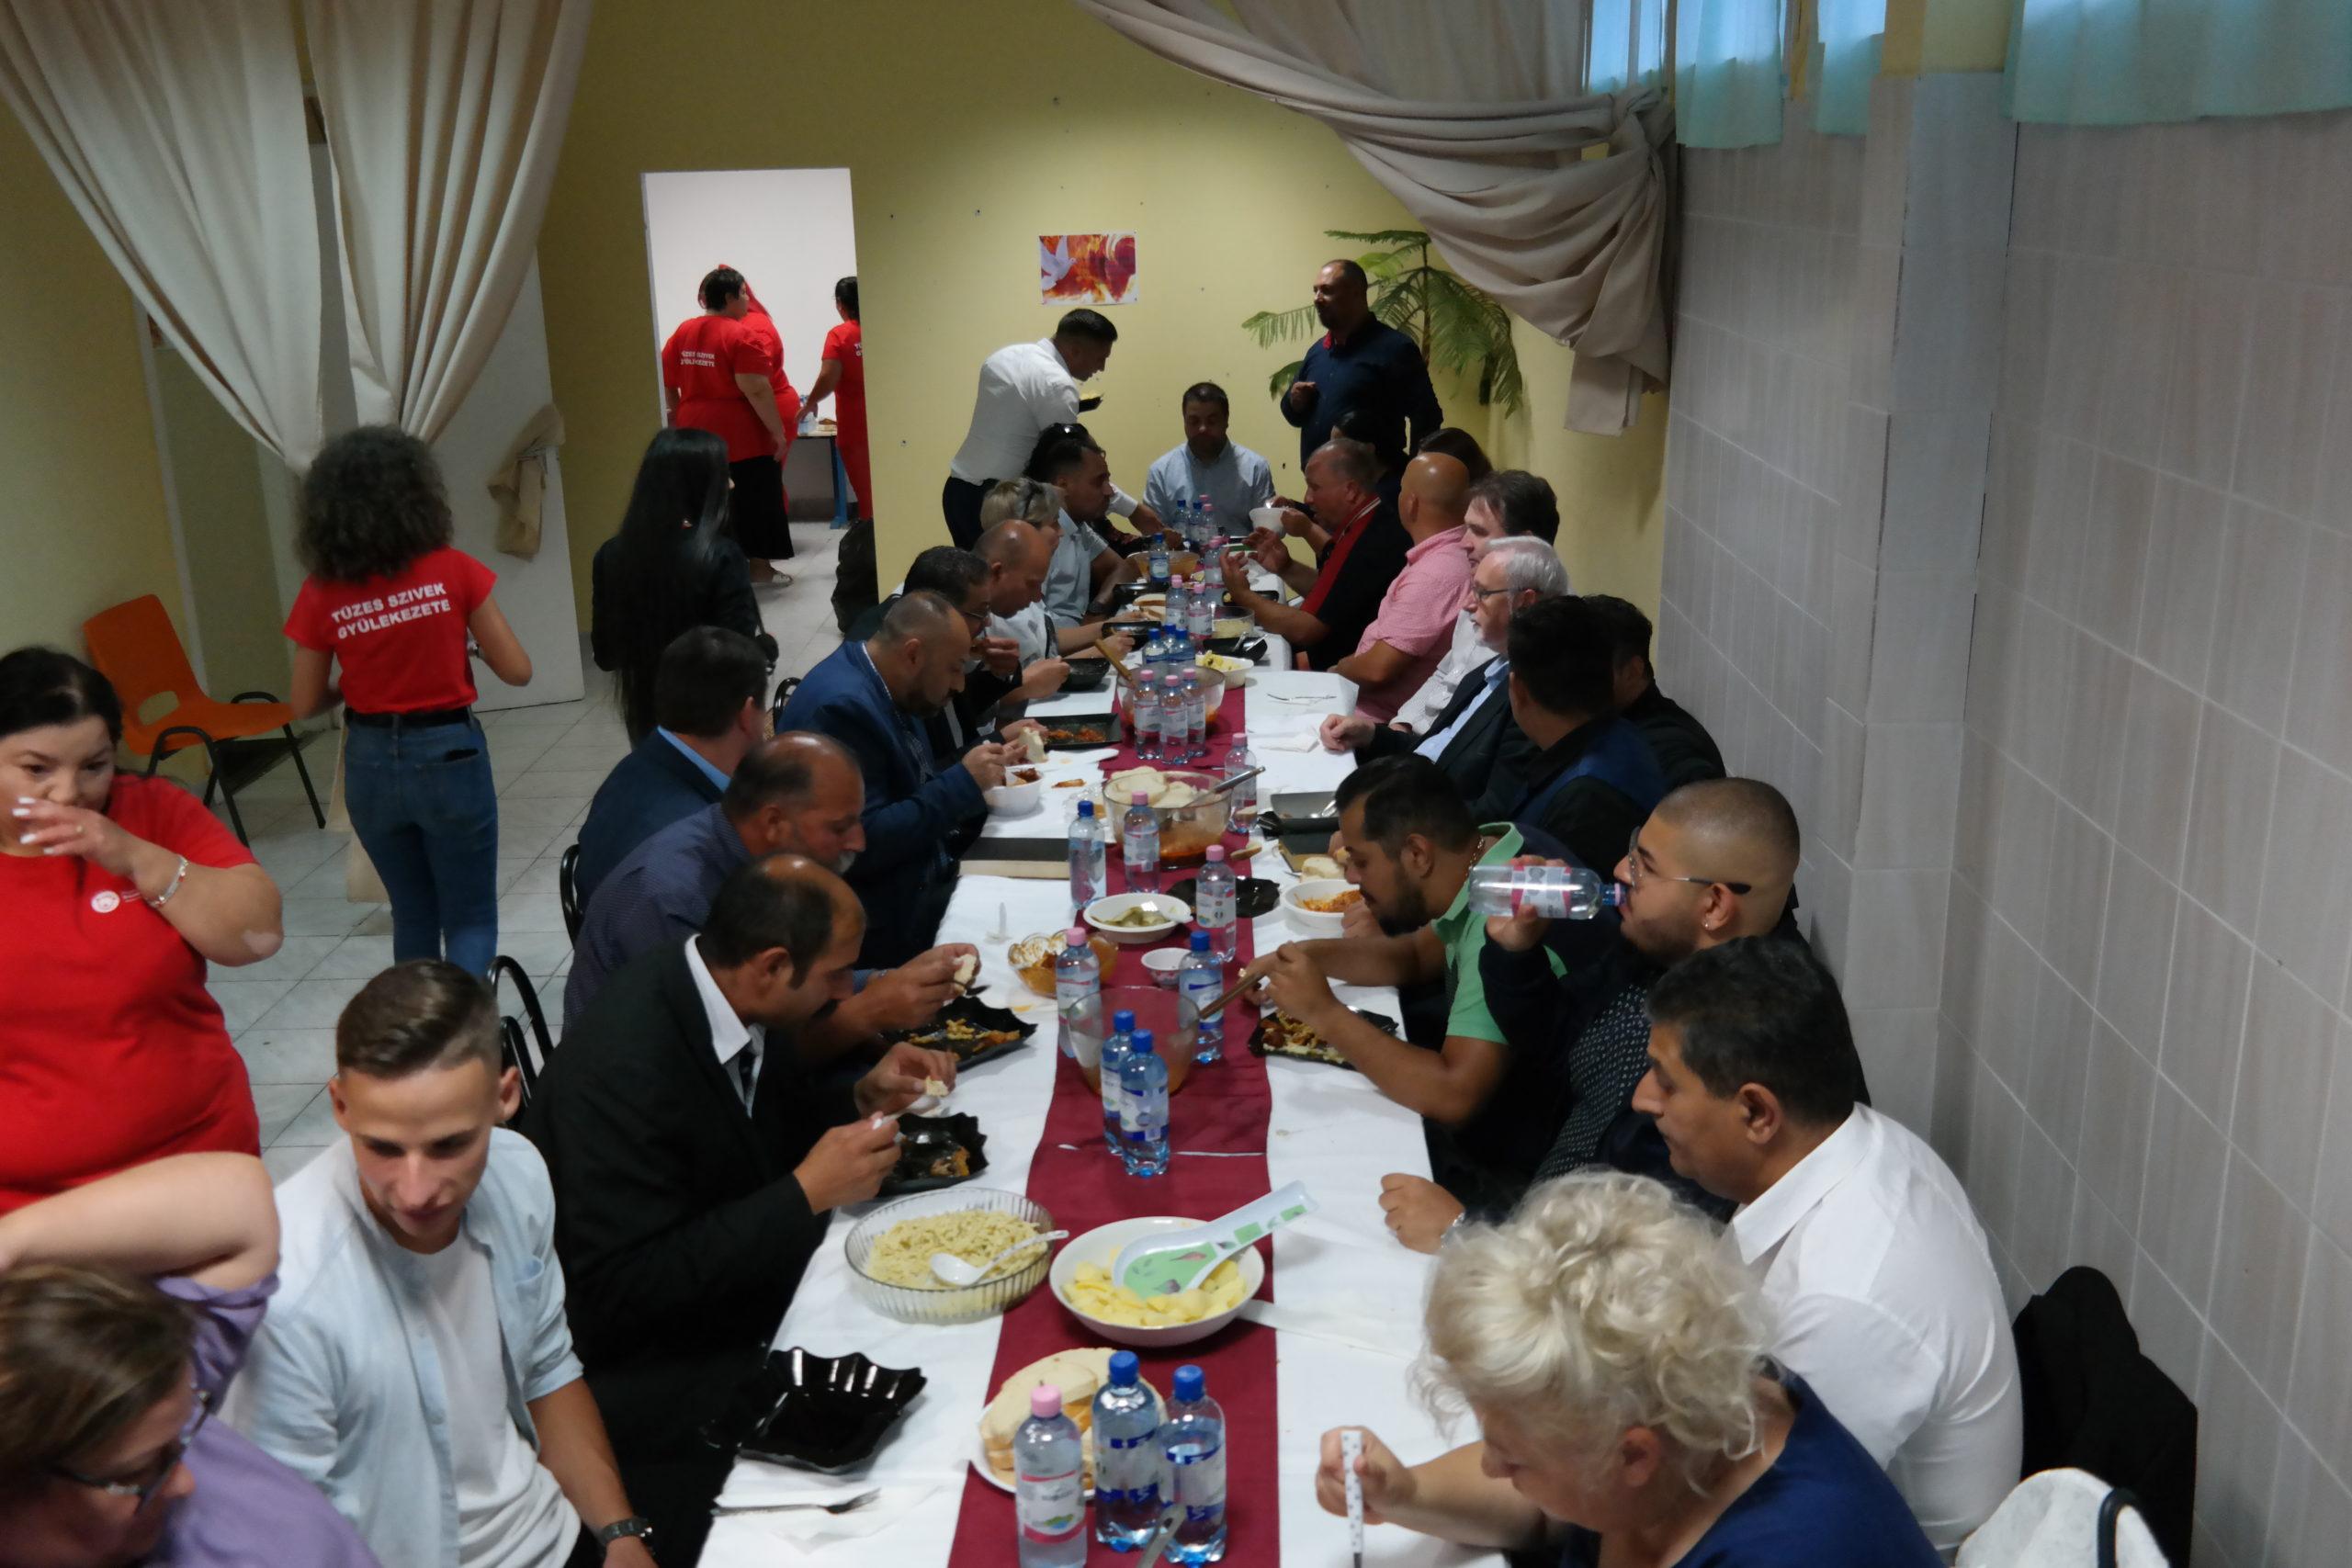 Ünnepélyes megnyitó keretében átadásra került a Reményhír Közösségi Ház 15